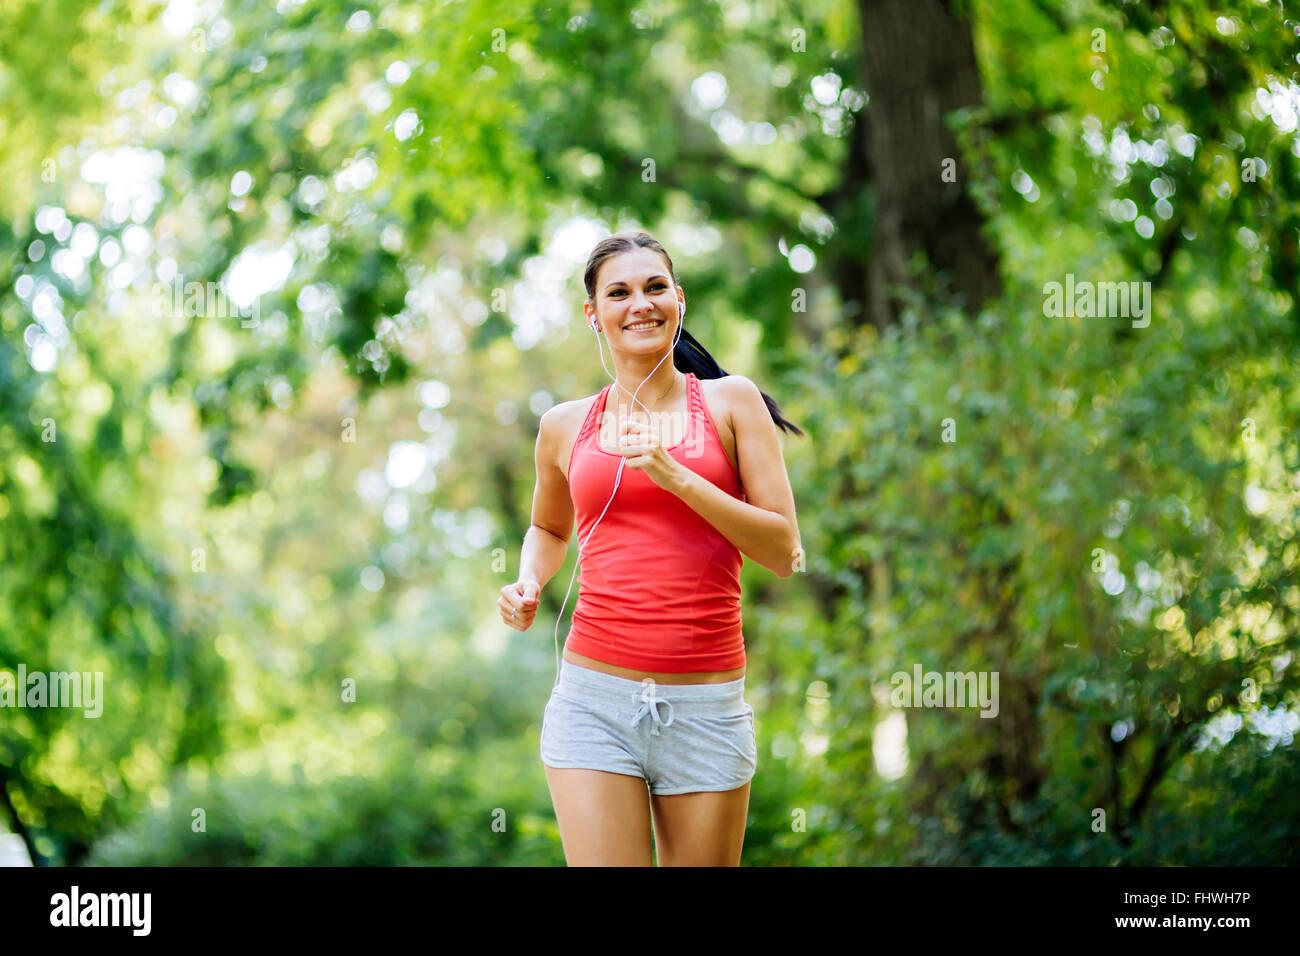 Junge schöne Athlet im Park Joggen und etwas Musik hören während der Tätigkeit Stockbild